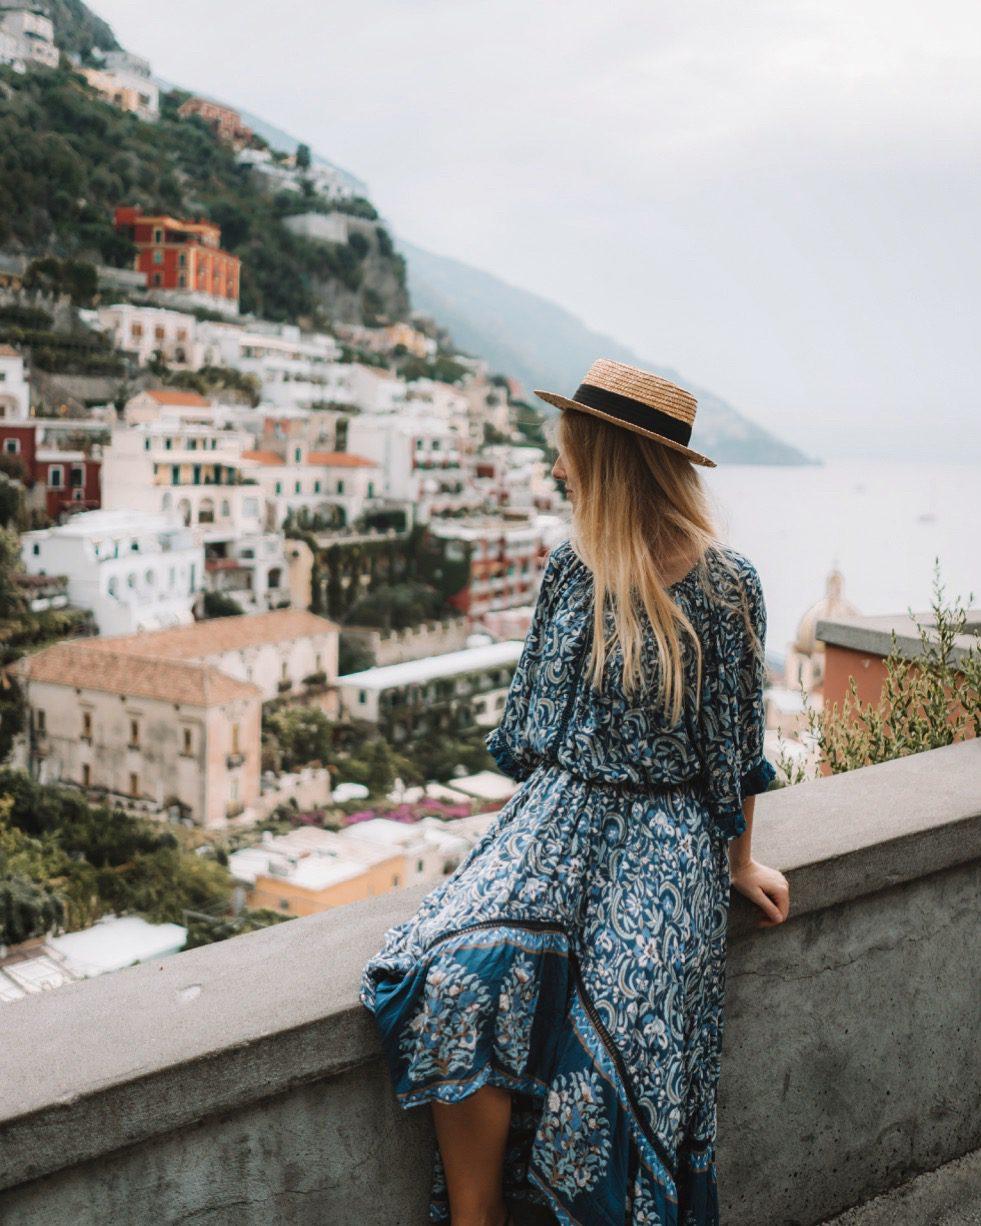 Visiter positano, ville aux milles charmes.